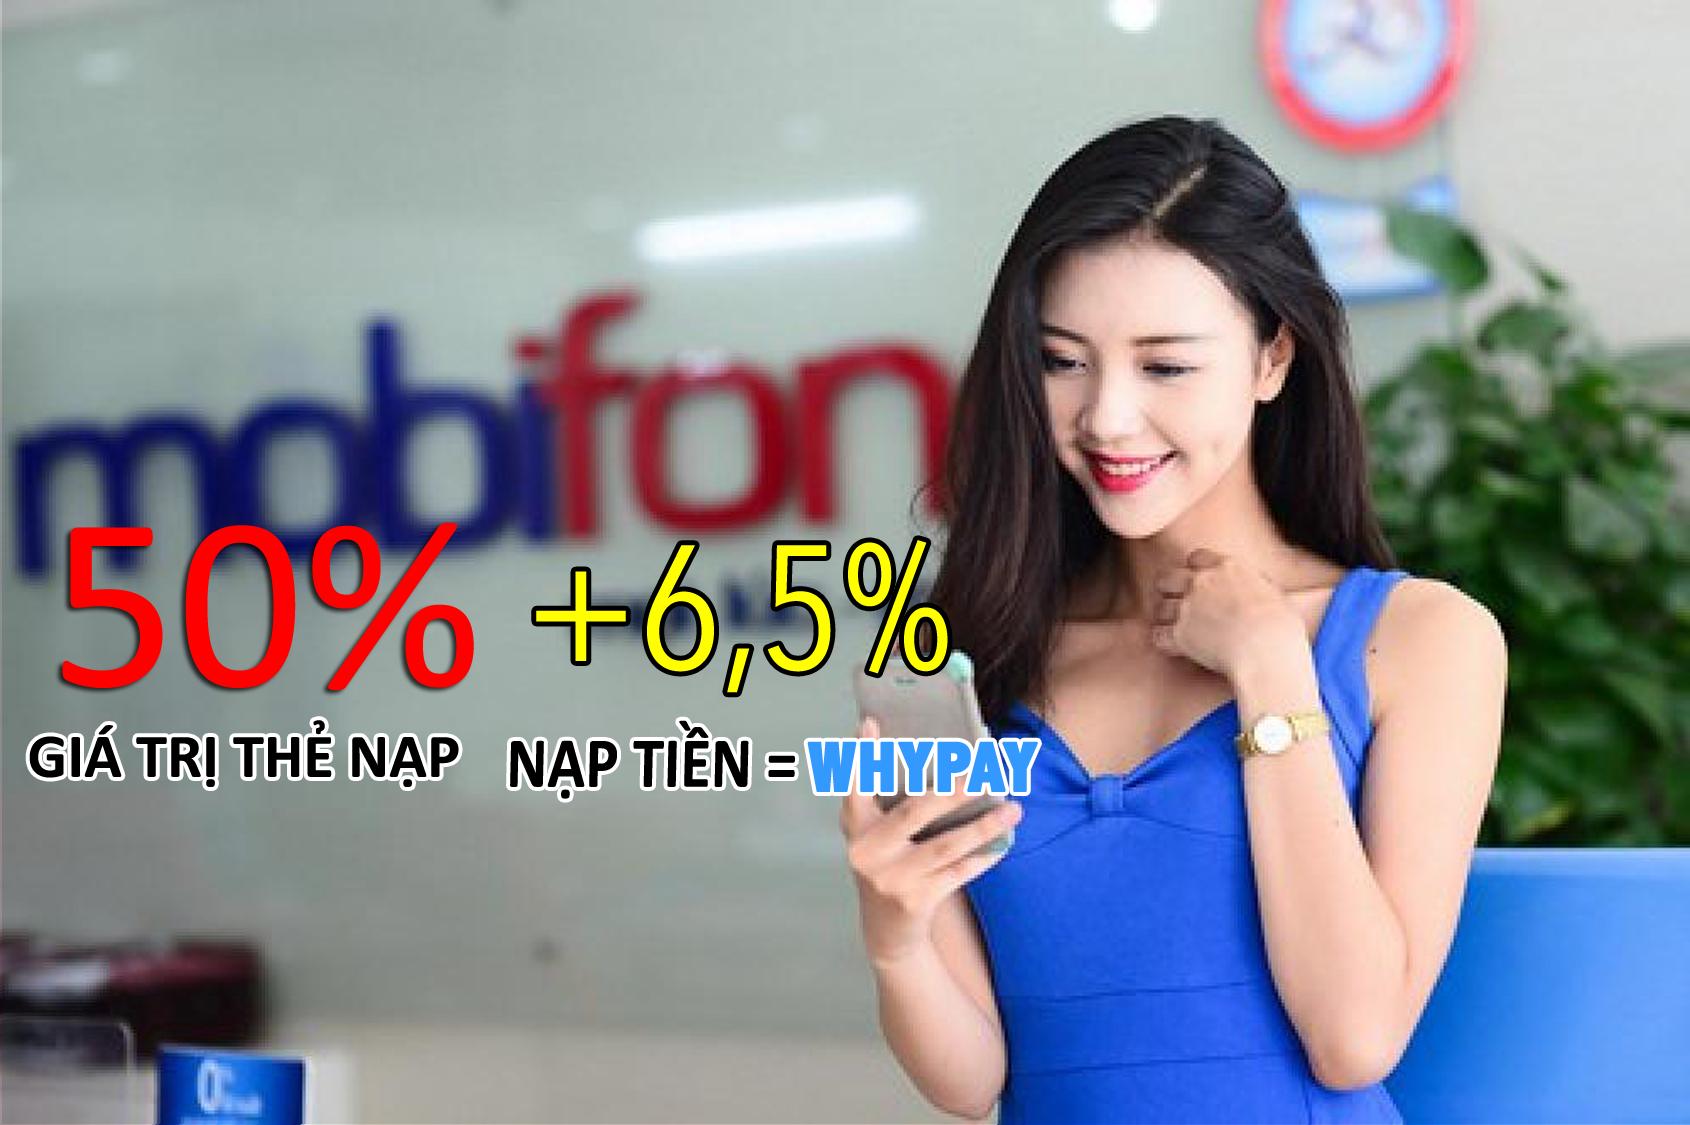 Mobifone khuyến mại 50% thẻ nạp ngày 18/10/2016 cho các thuê bao nhận được  tin nhắn.